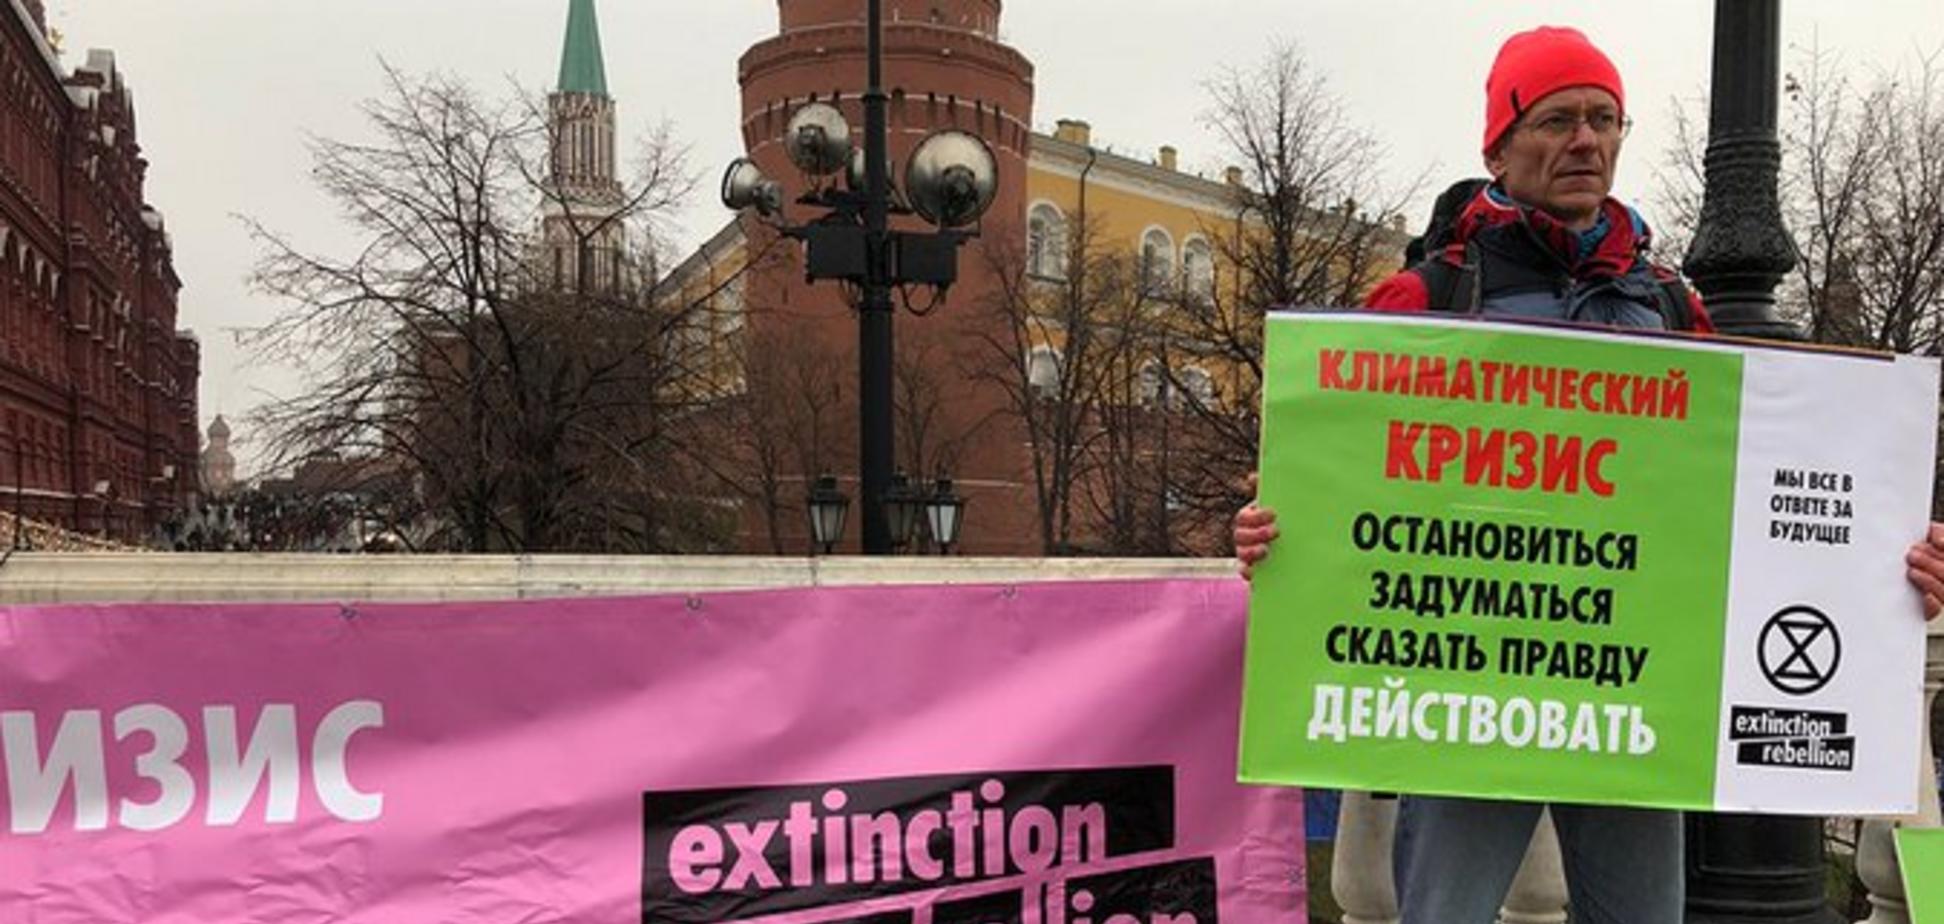 Приковал себя и пообещал не уходить: в Москве активист выдвинул жесткие обвинения против политики Кремля